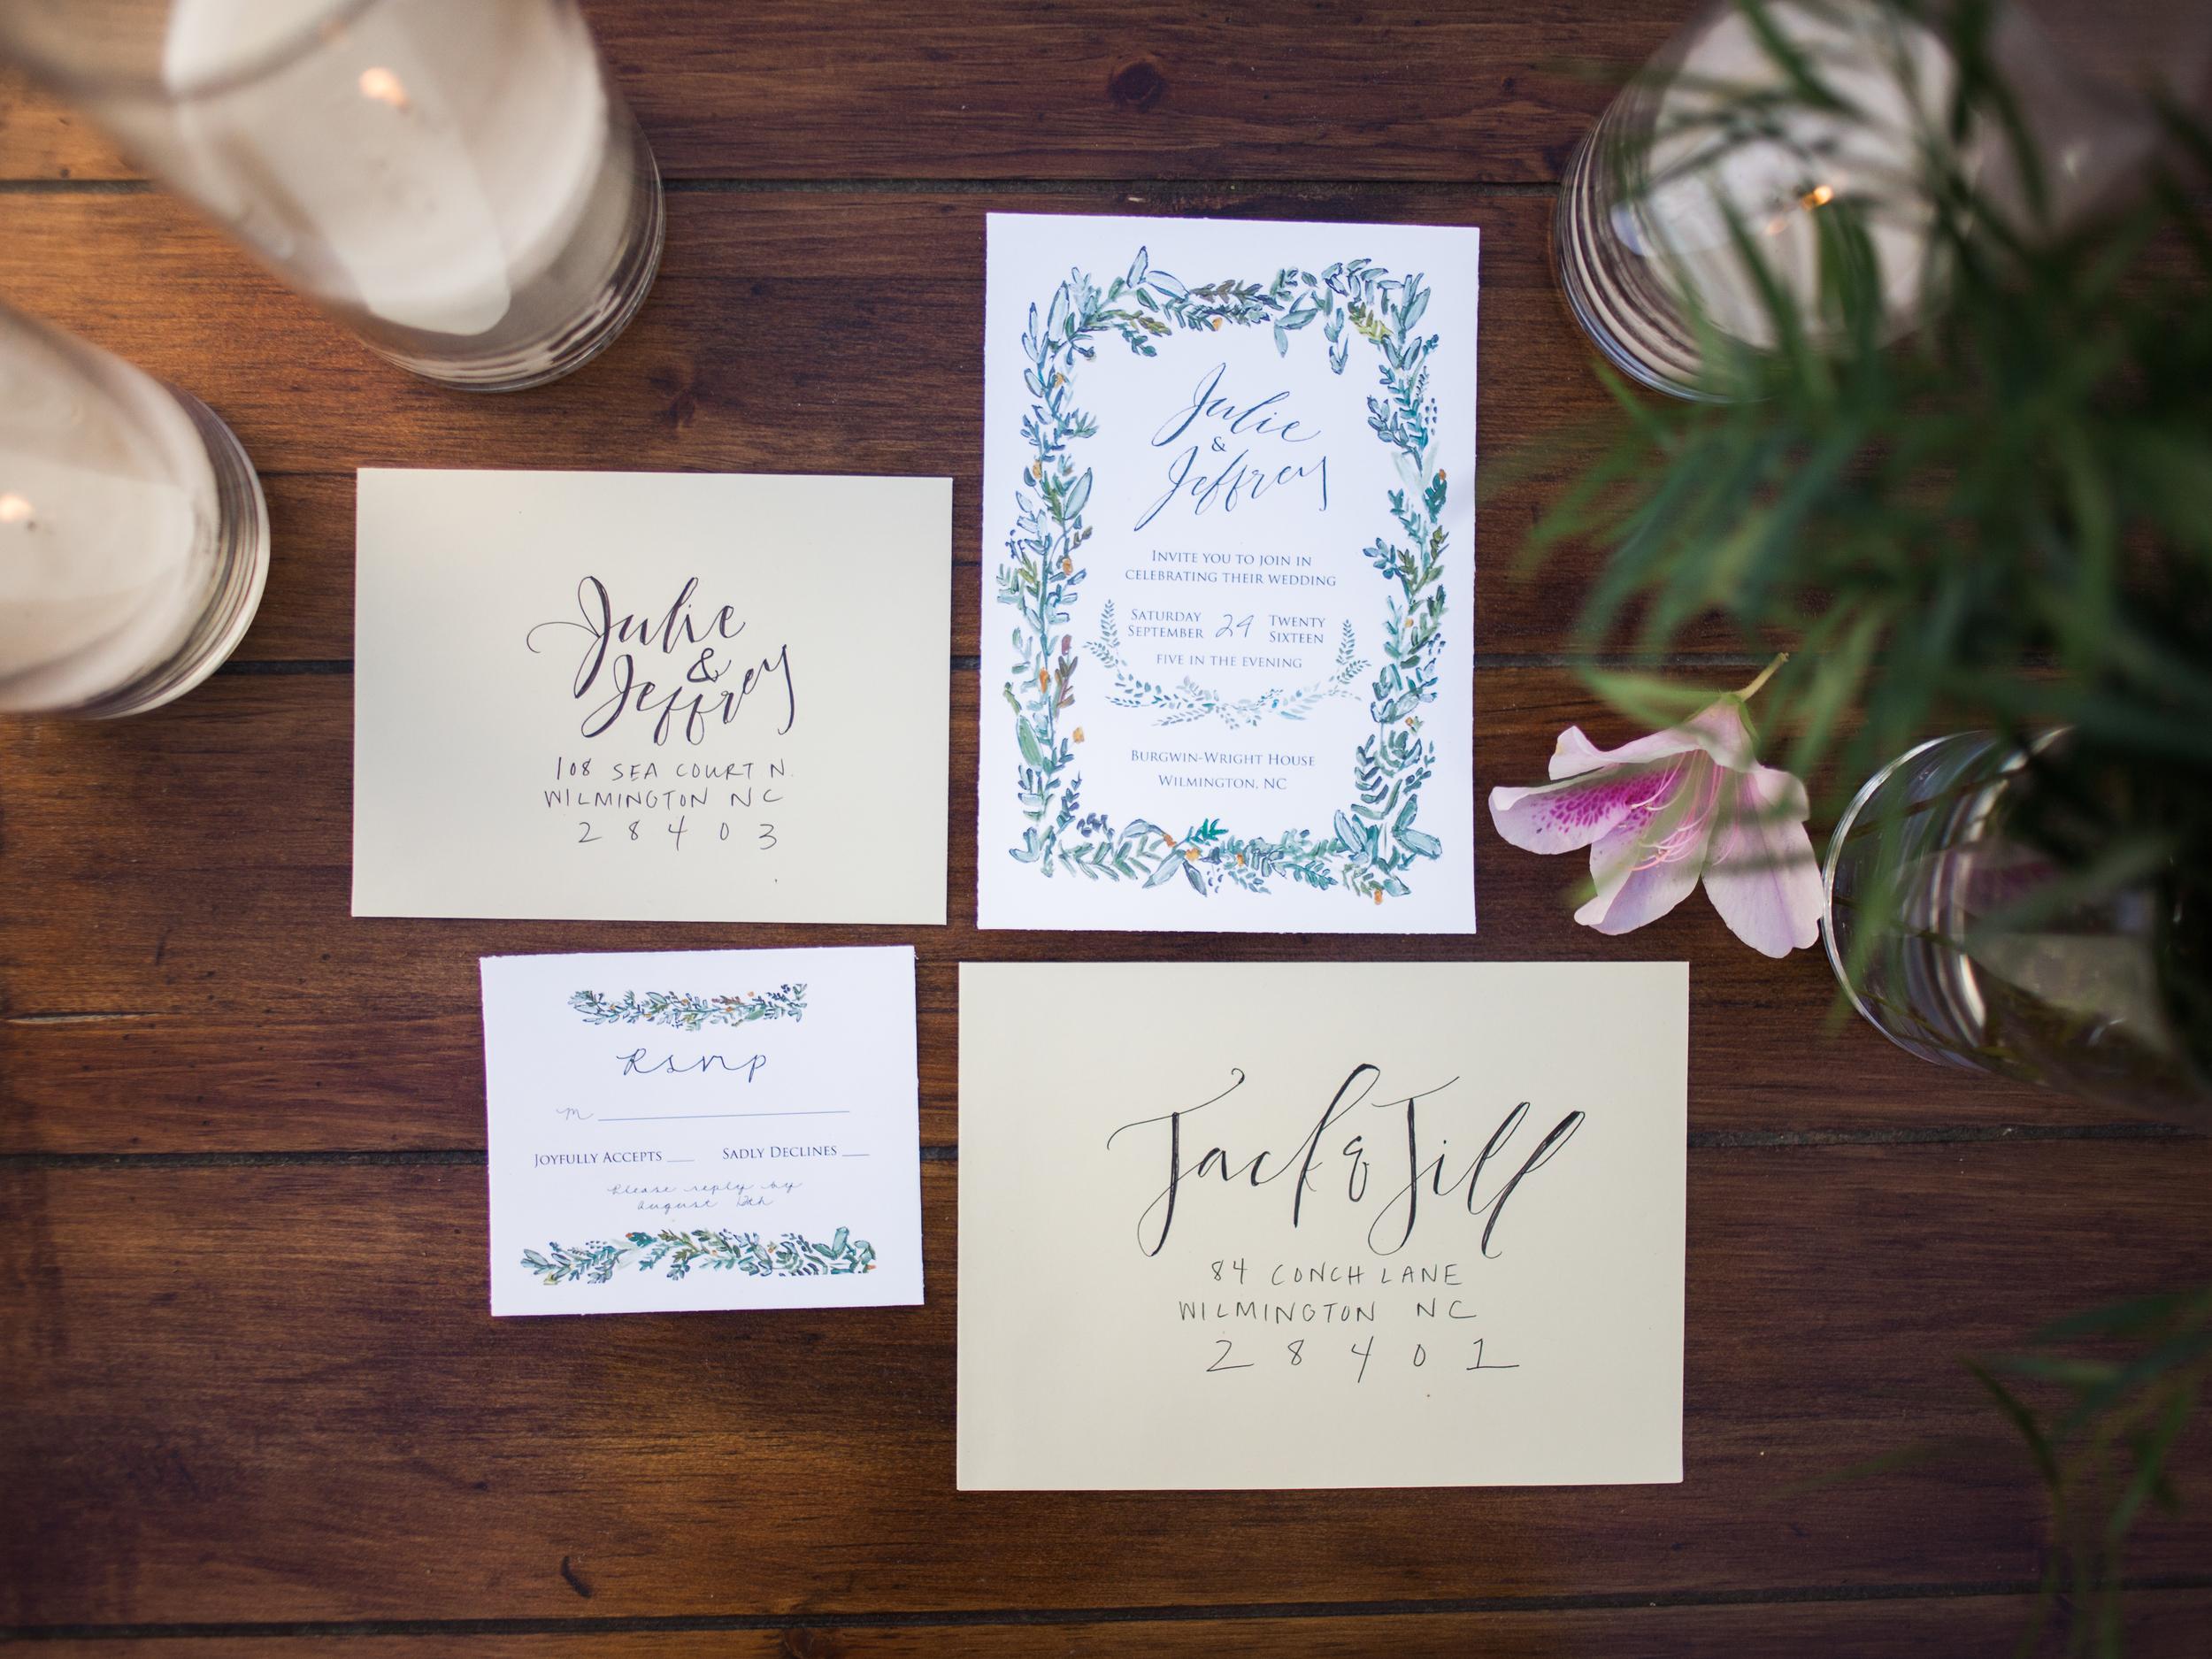 SOG Wedding Inspiration Styled Shoot00152.jpg